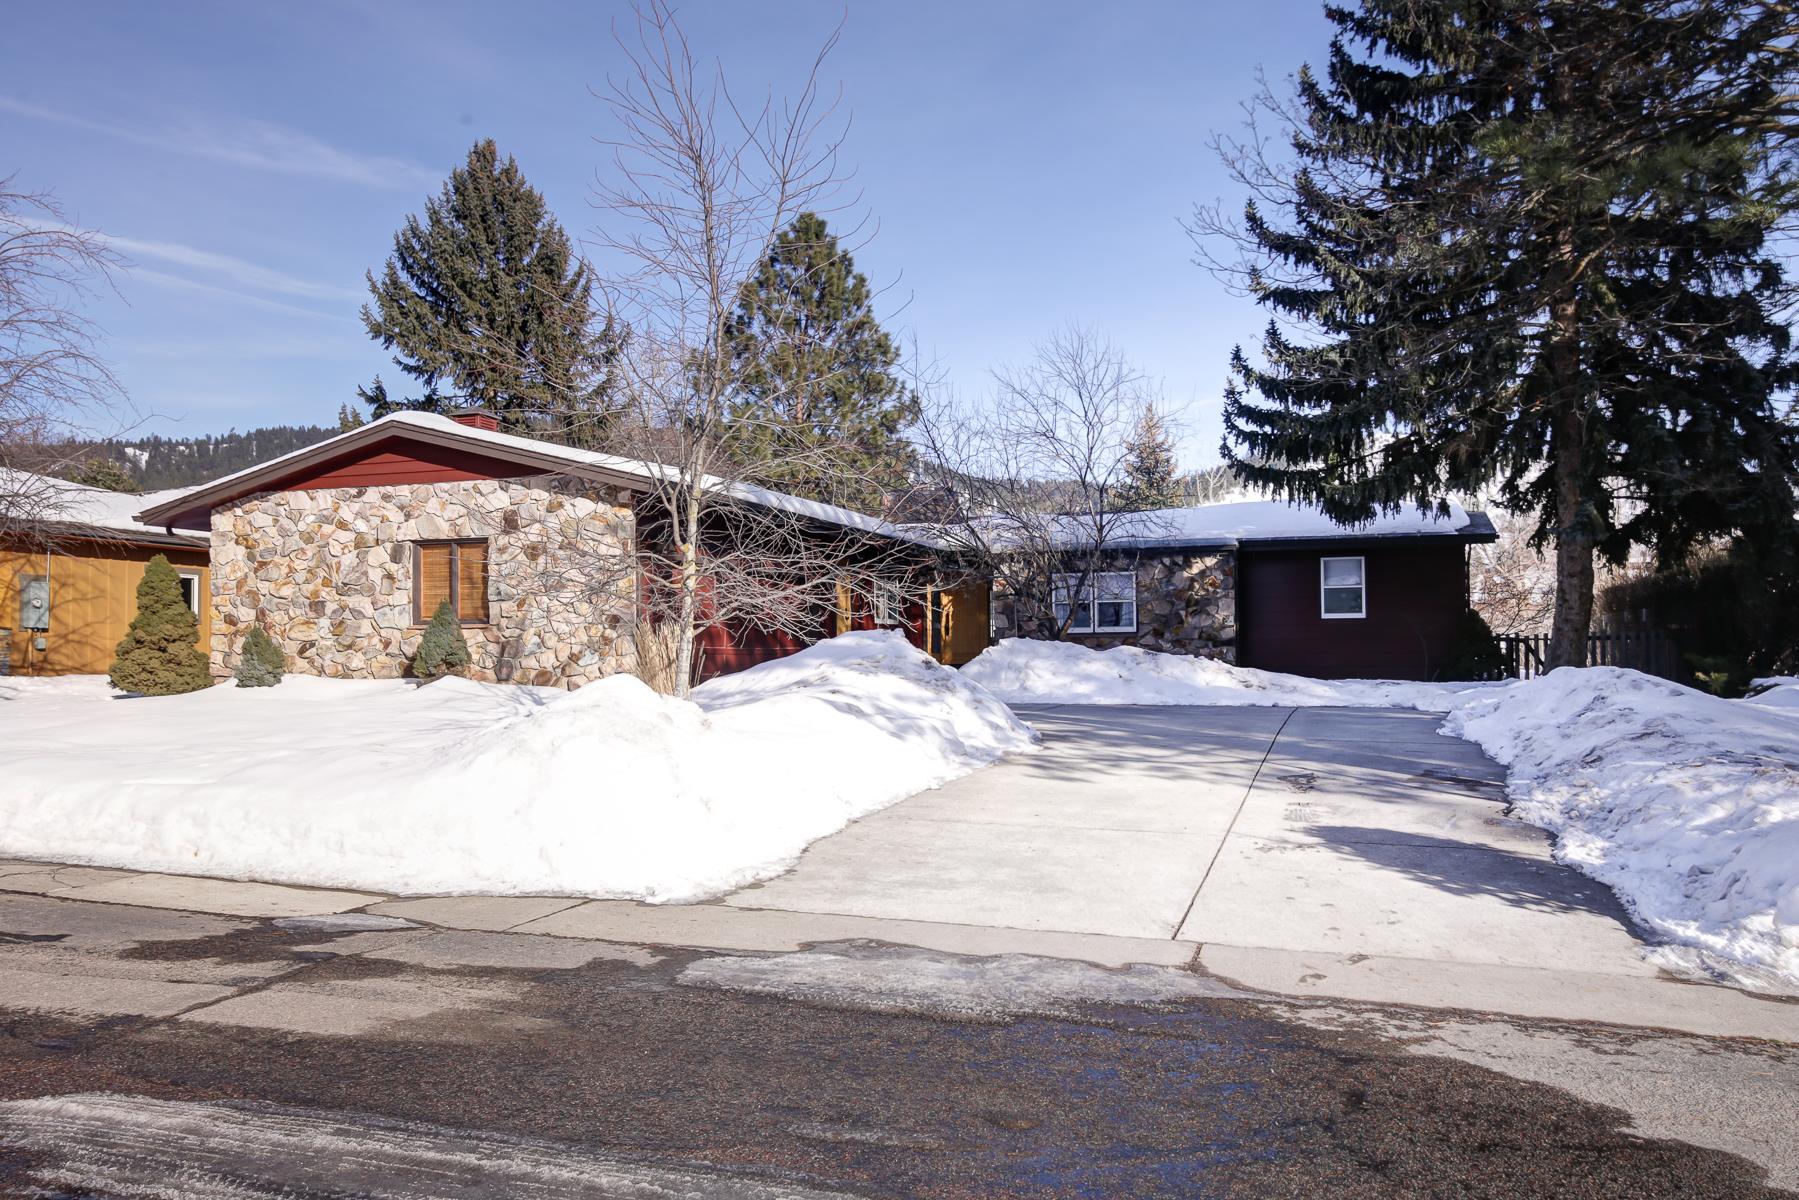 Tek Ailelik Ev için Satış at 4022 Lincoln Rd , Missoula, MT 59802 4022 Lincoln Rd Missoula, Montana, 59802 Amerika Birleşik Devletleri